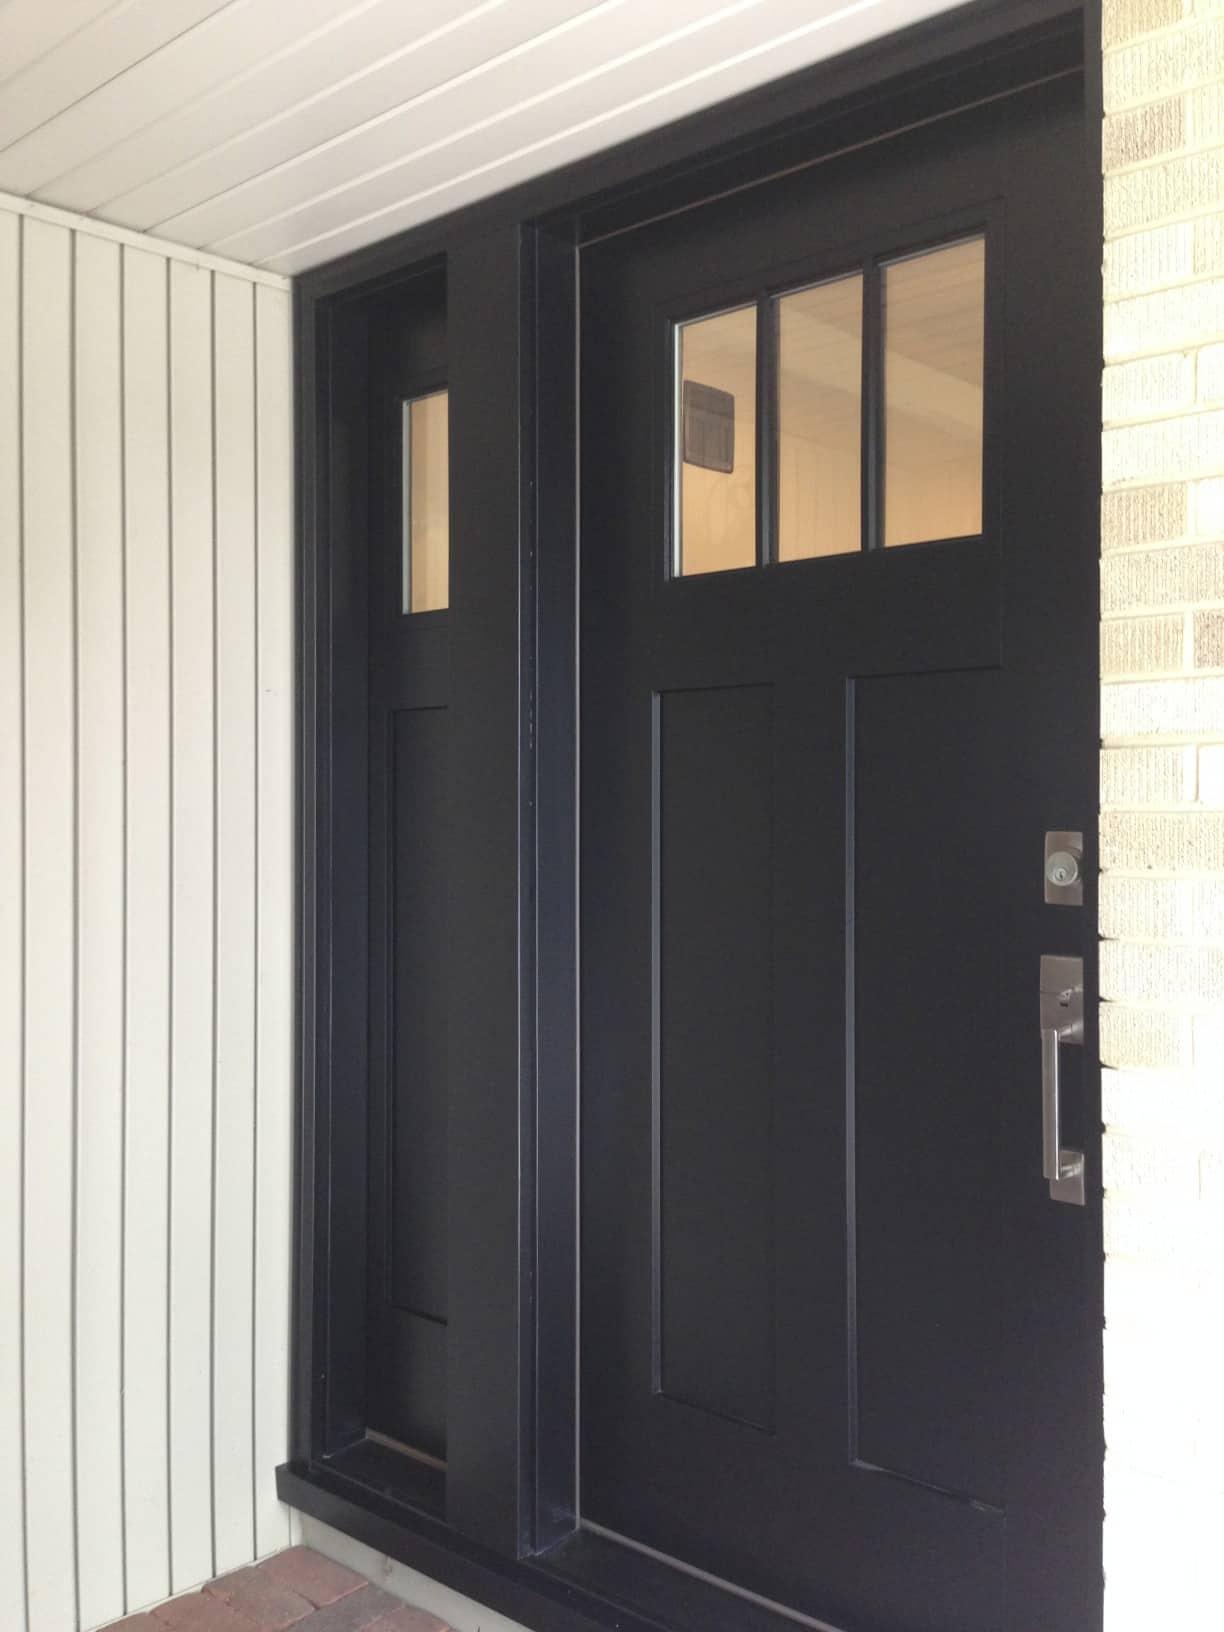 Fiberglass Entry Door Manufacturers : Replacement fiberglass entry doors american thermal window